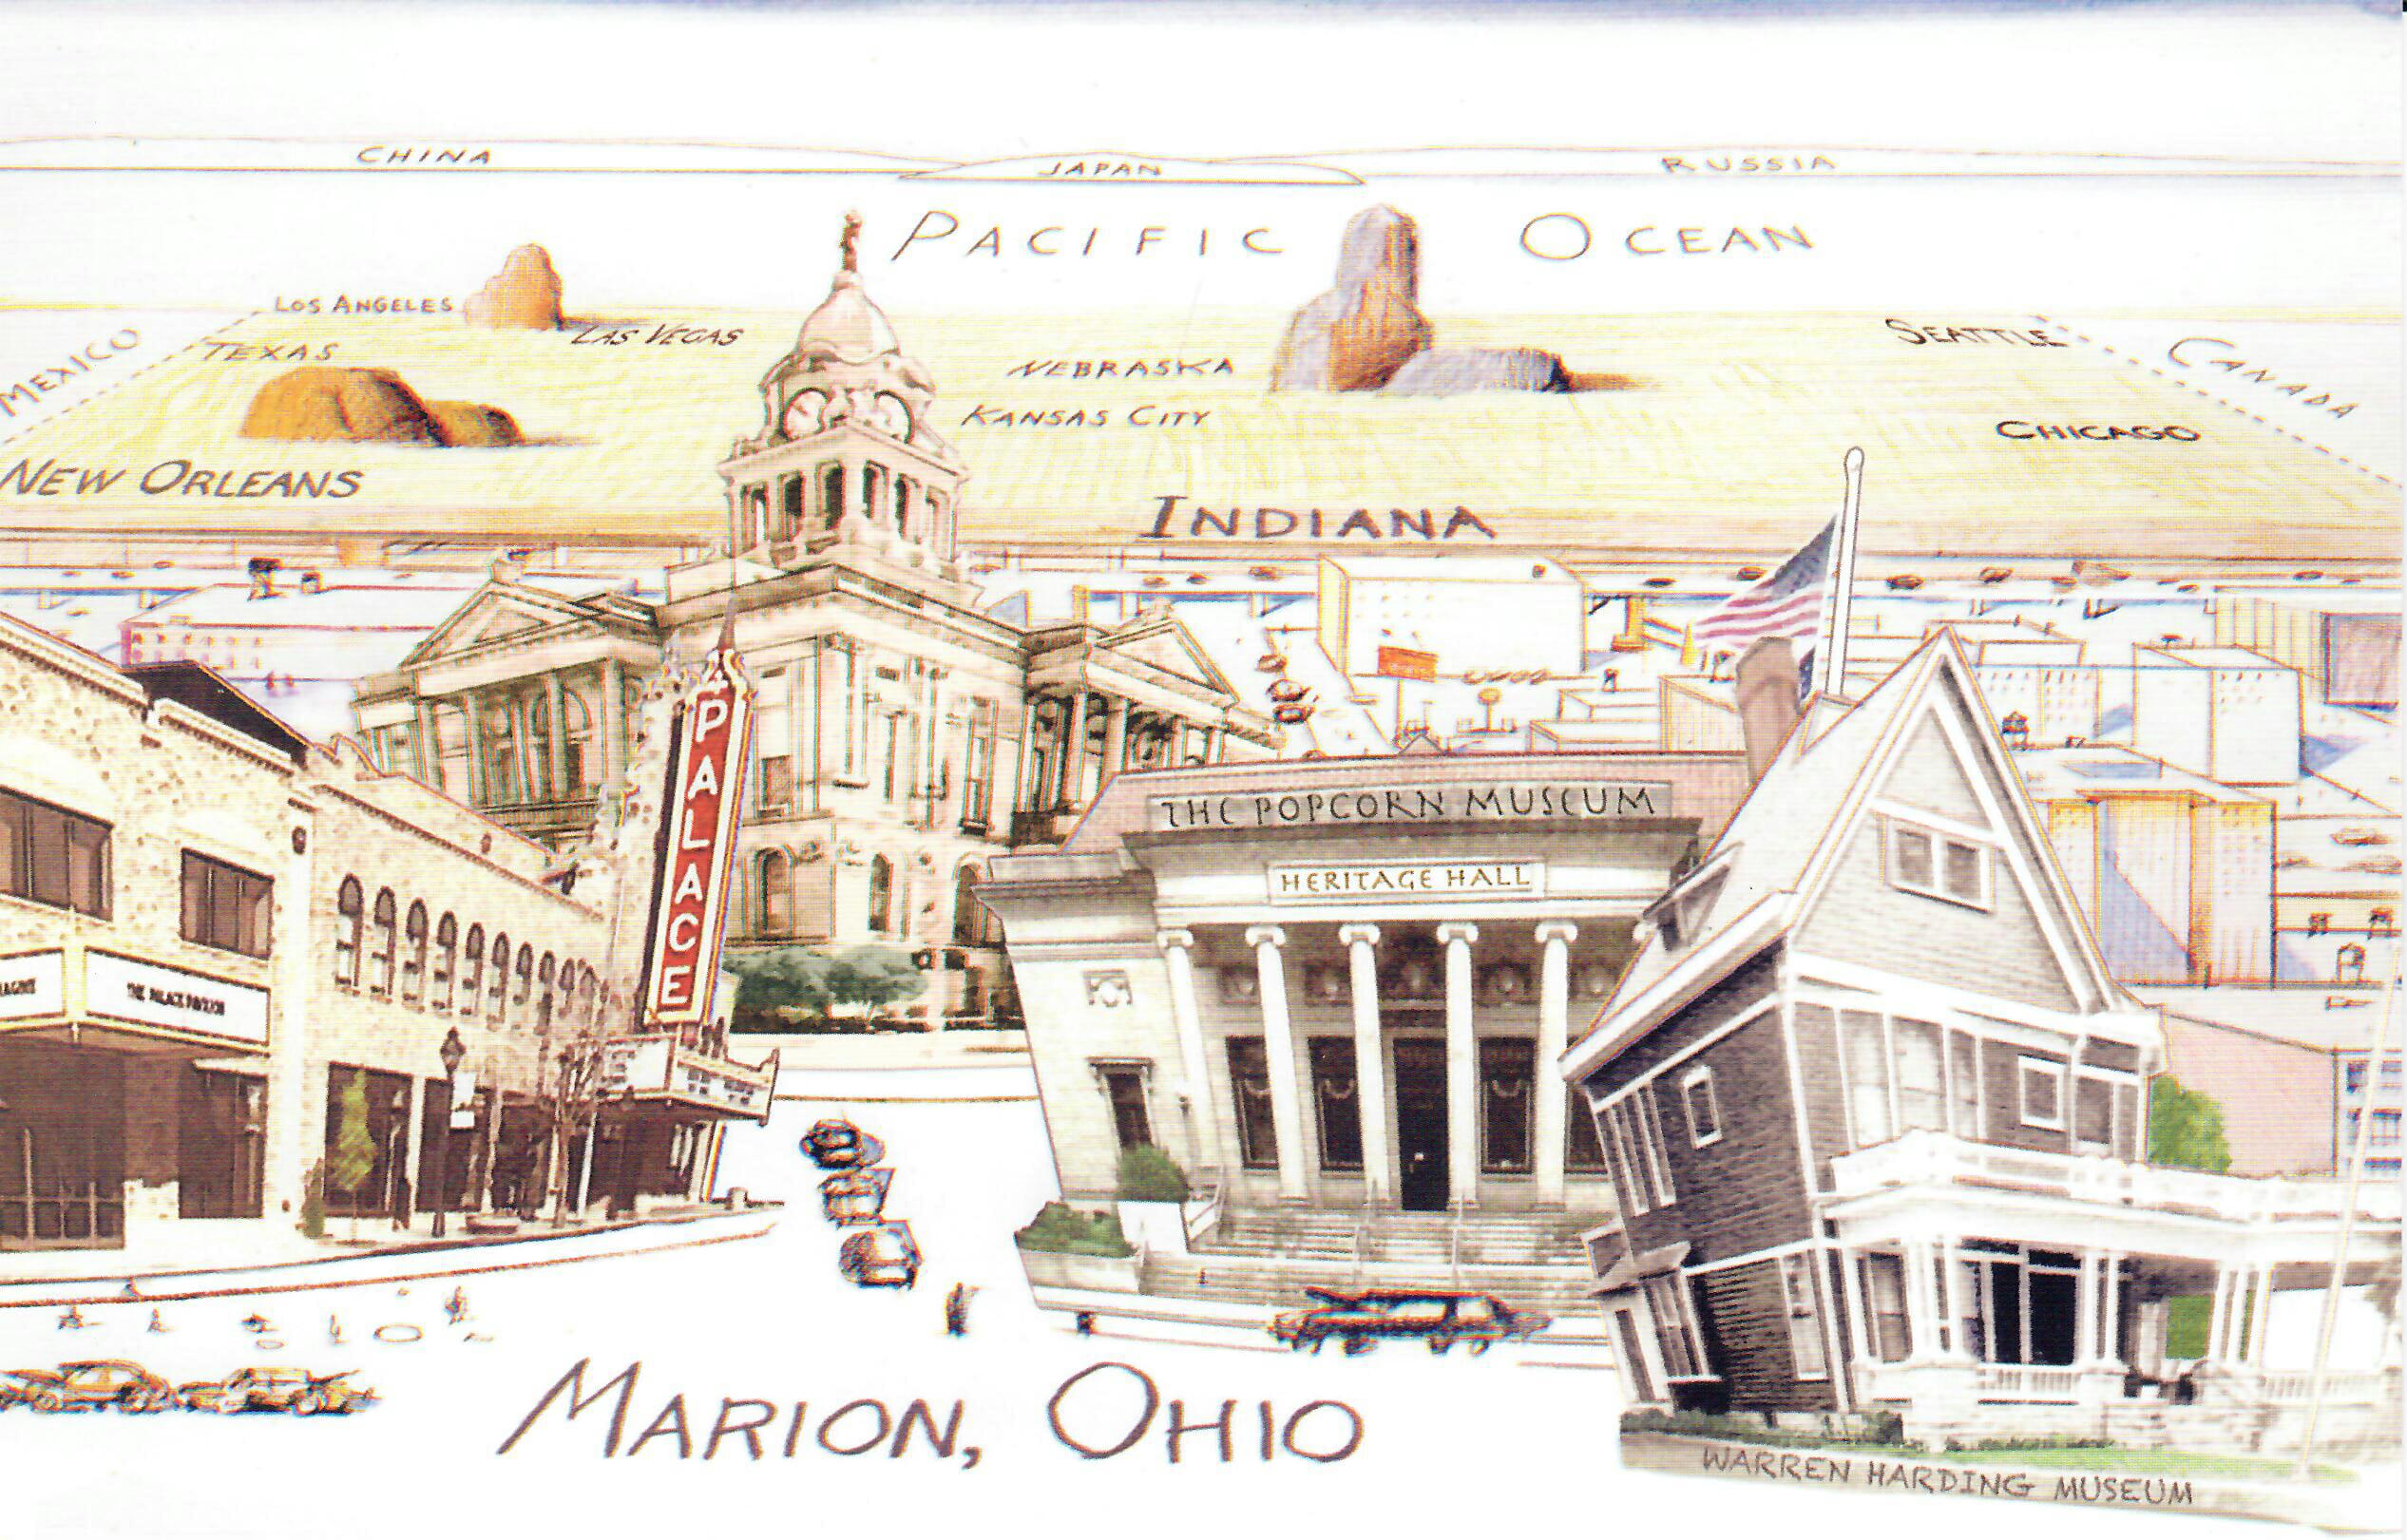 The Ohio 4th